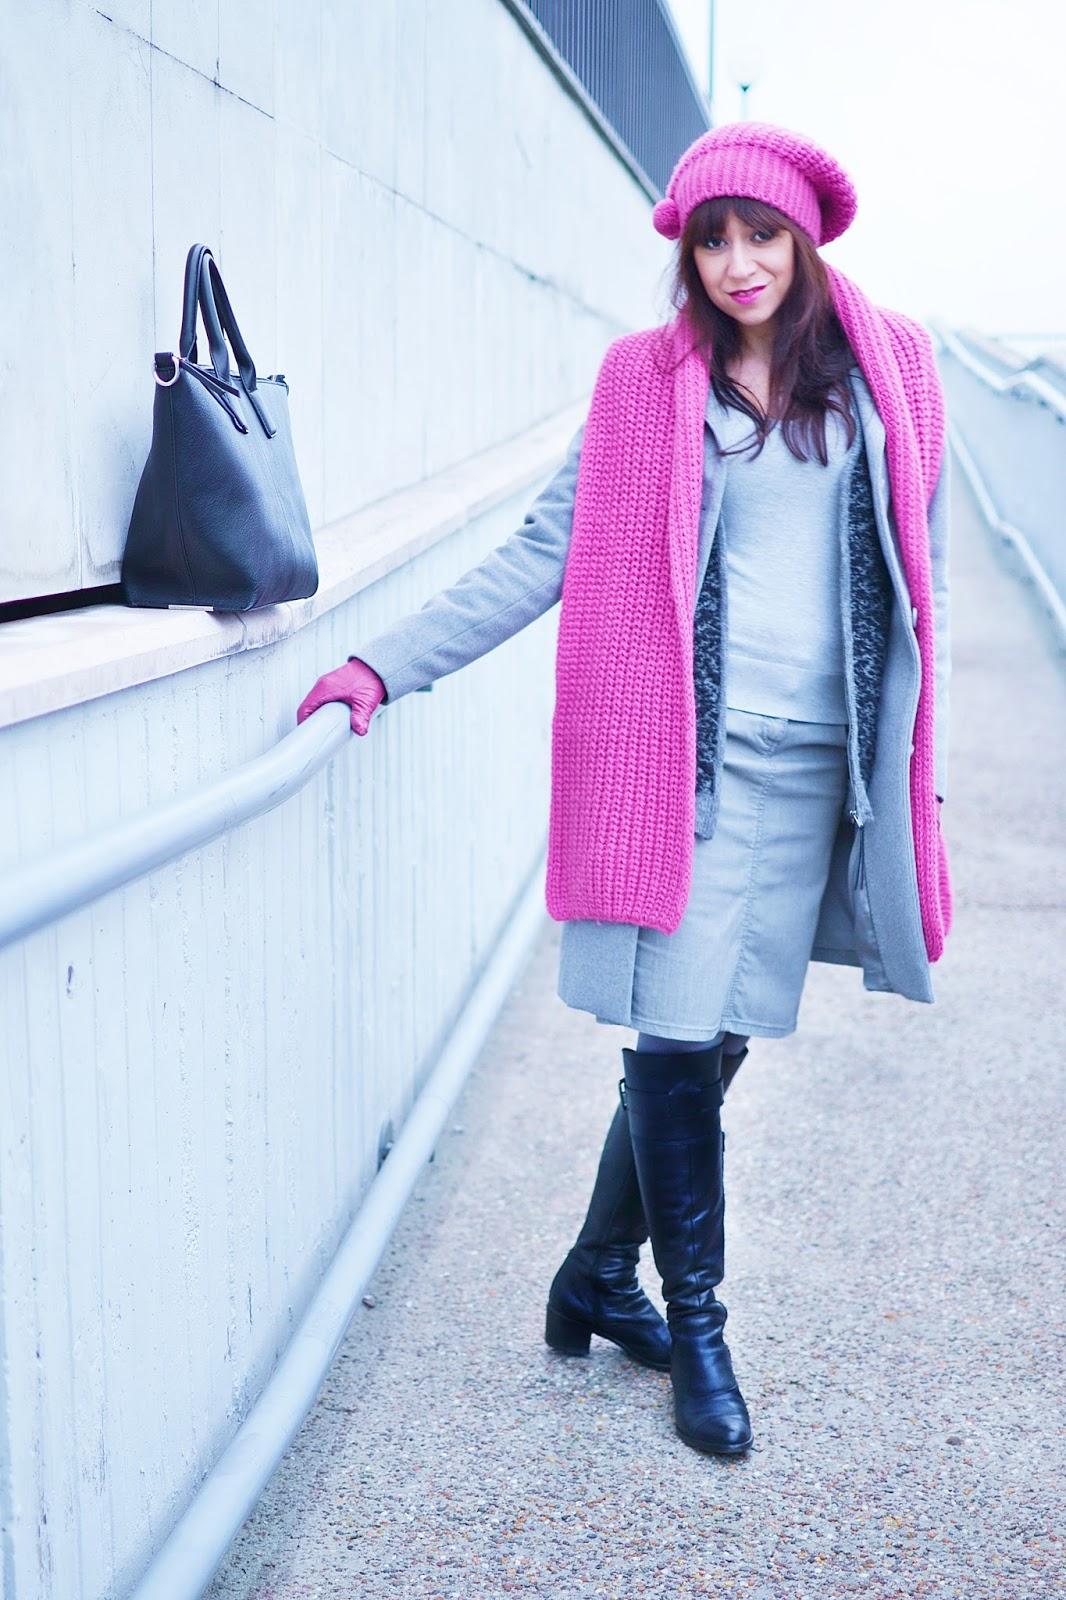 Úsmev Mony Lisy_Katharine-fashion is beautiful_Ružové kožené rukavice_Sivé pančuchy_Denim sukňa_Katarína Jakubčová_Fashion blogger